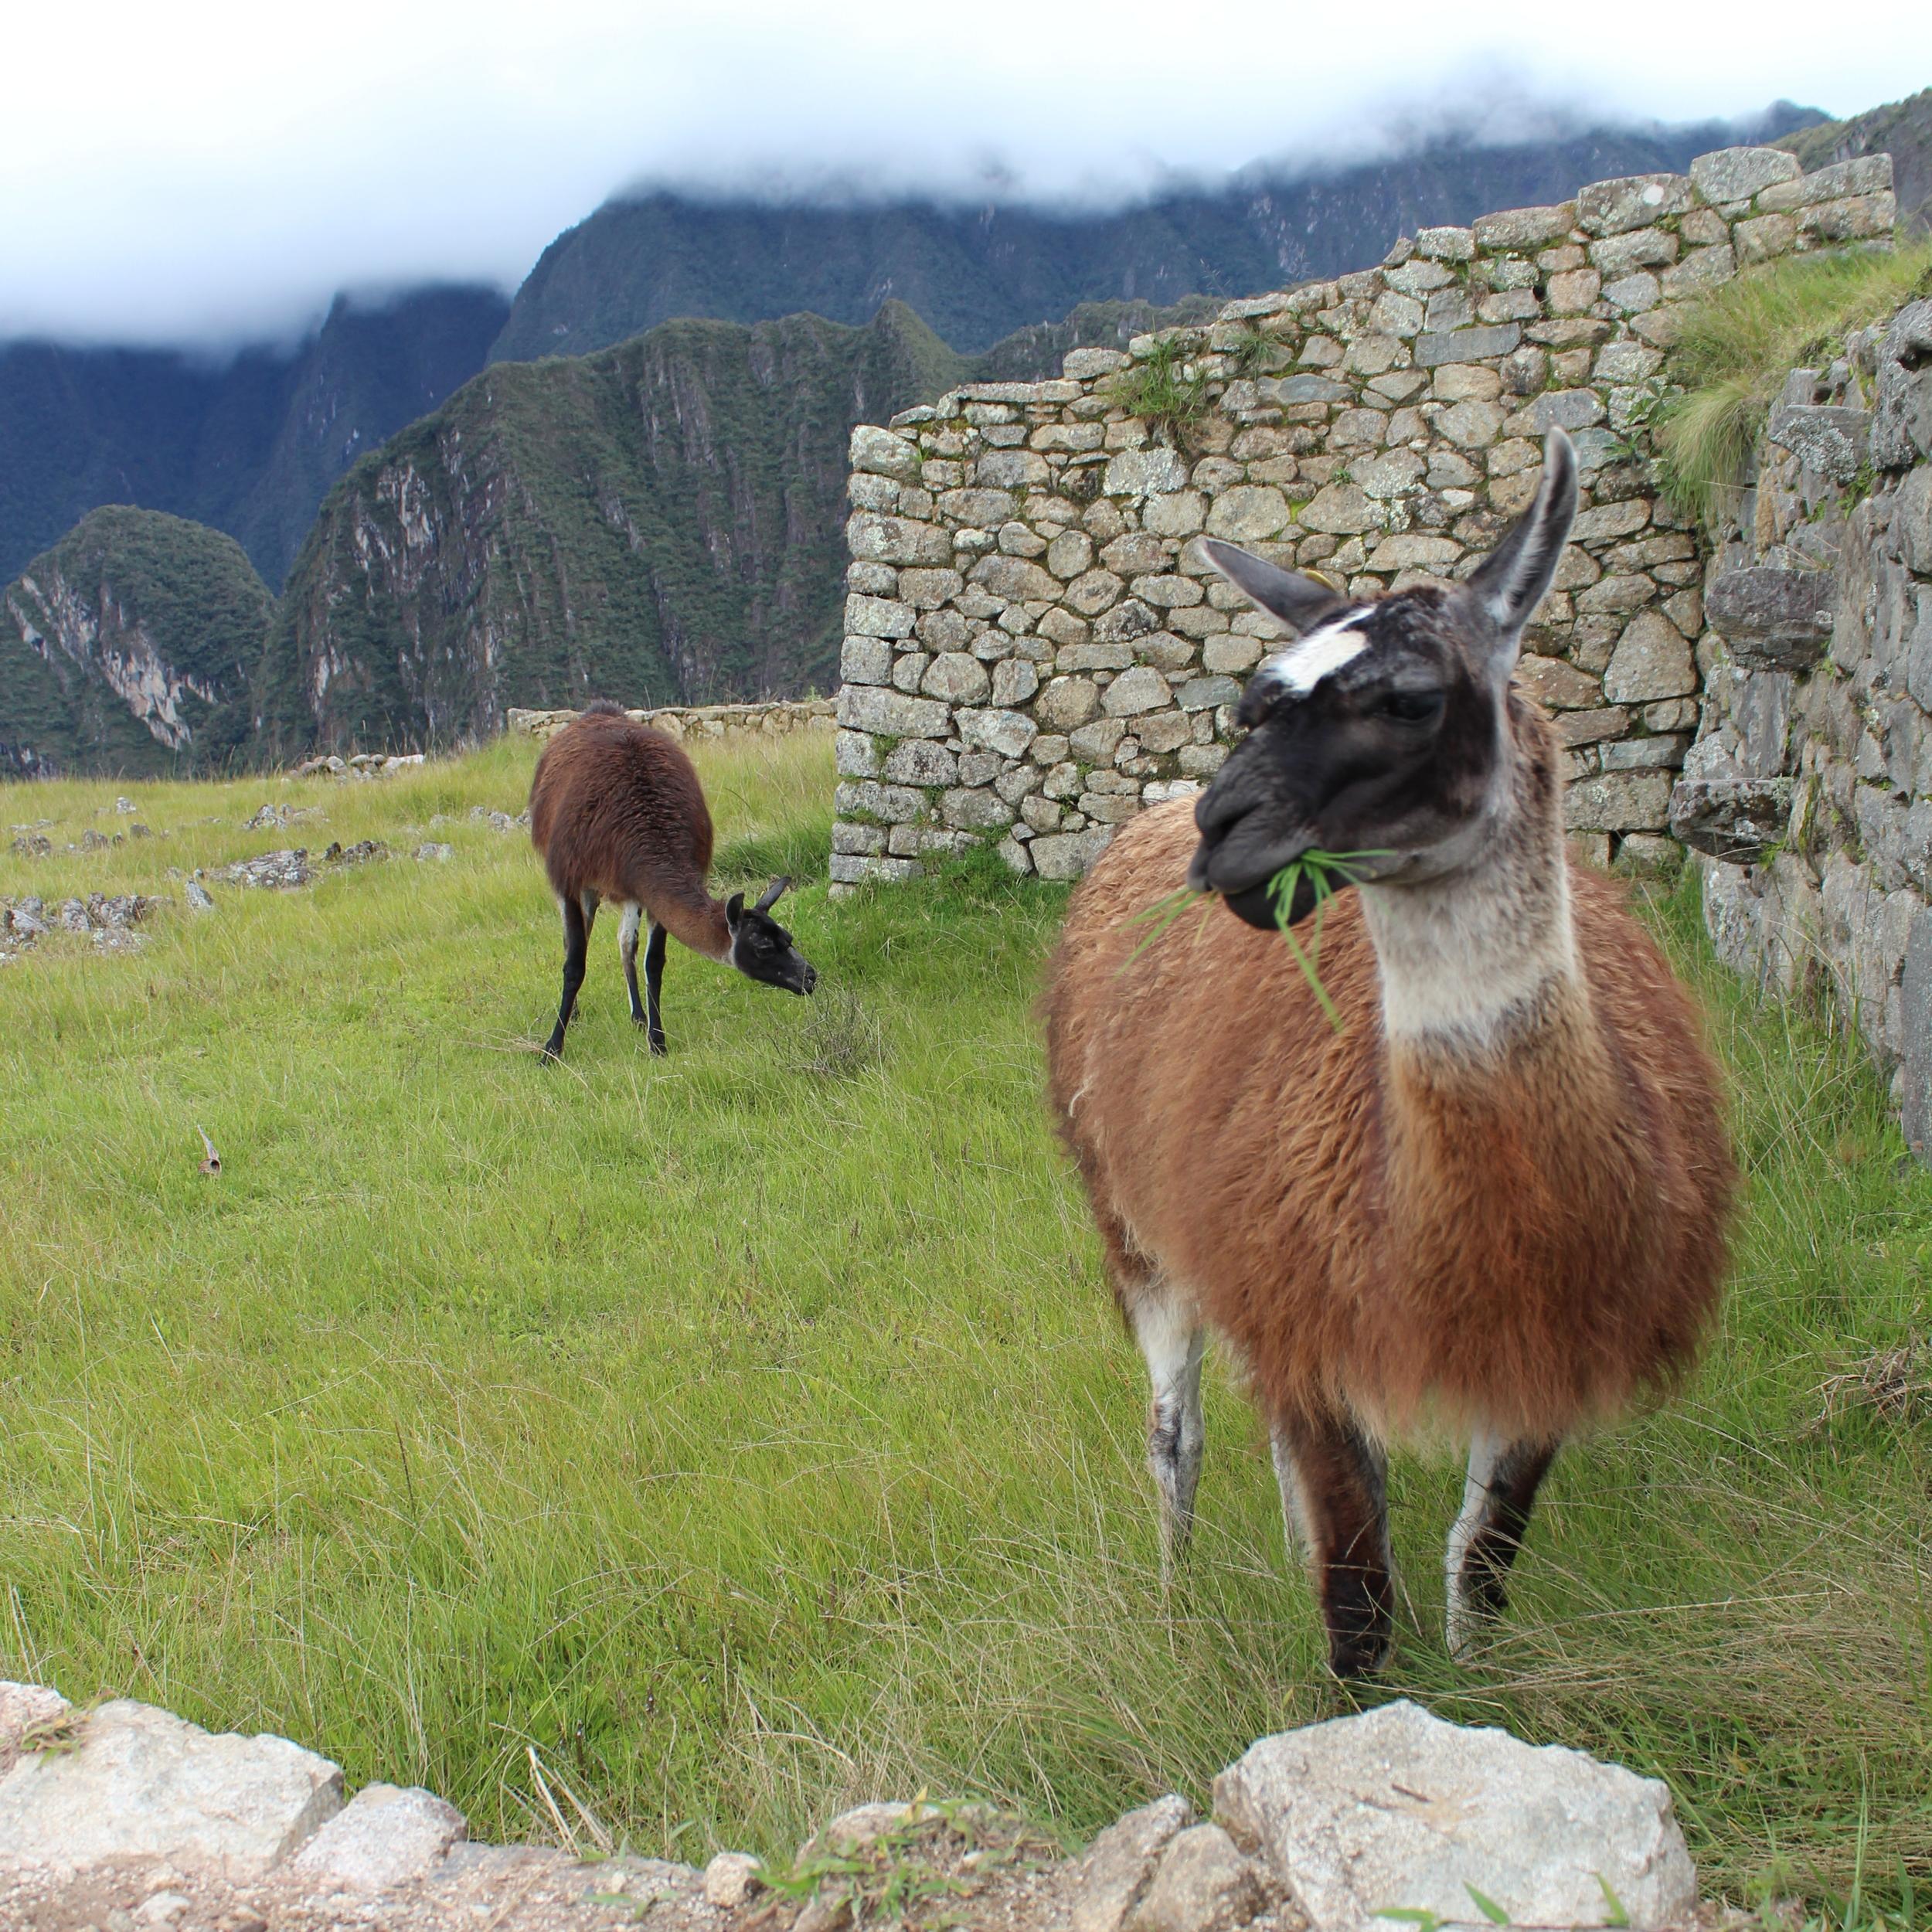 En la altura de las montañas habitan los camélidos andinos. Foto: Javier Vélez Arocho